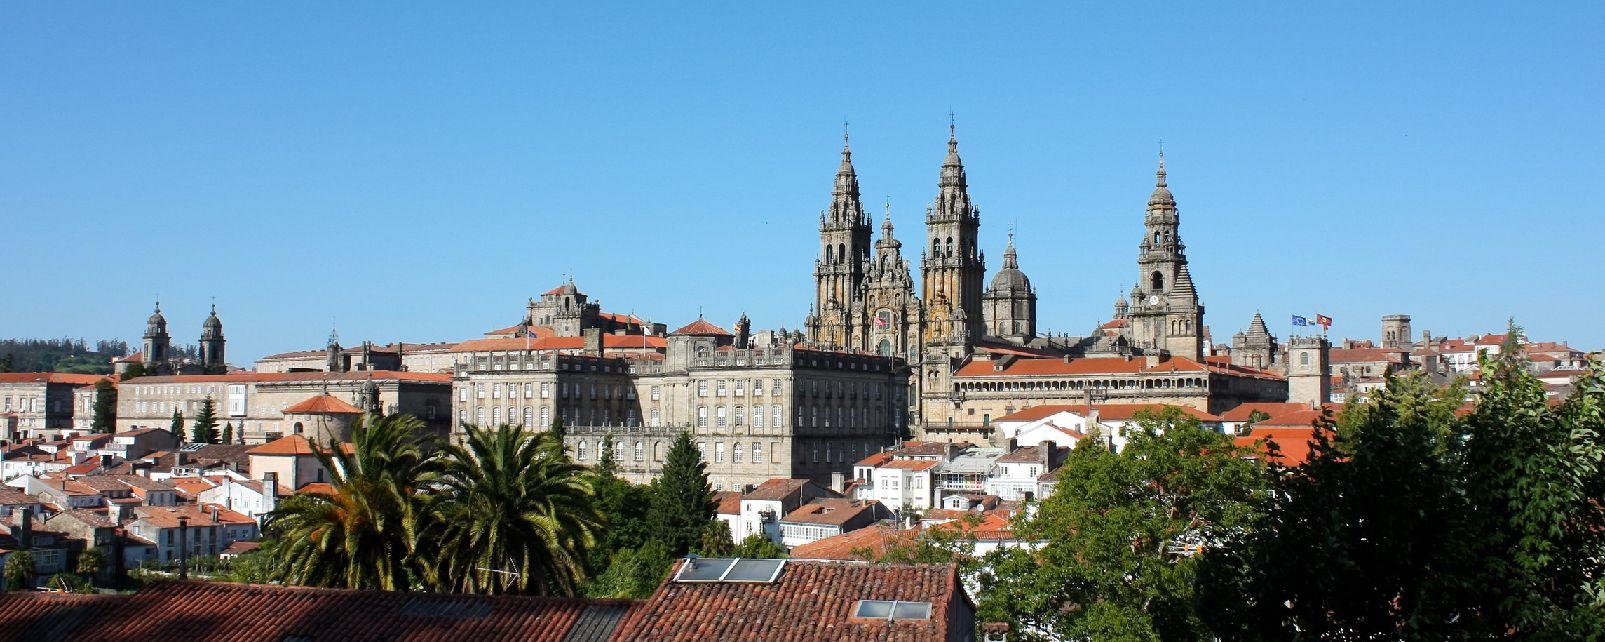 Древнейшие кафедральные соборы Испании